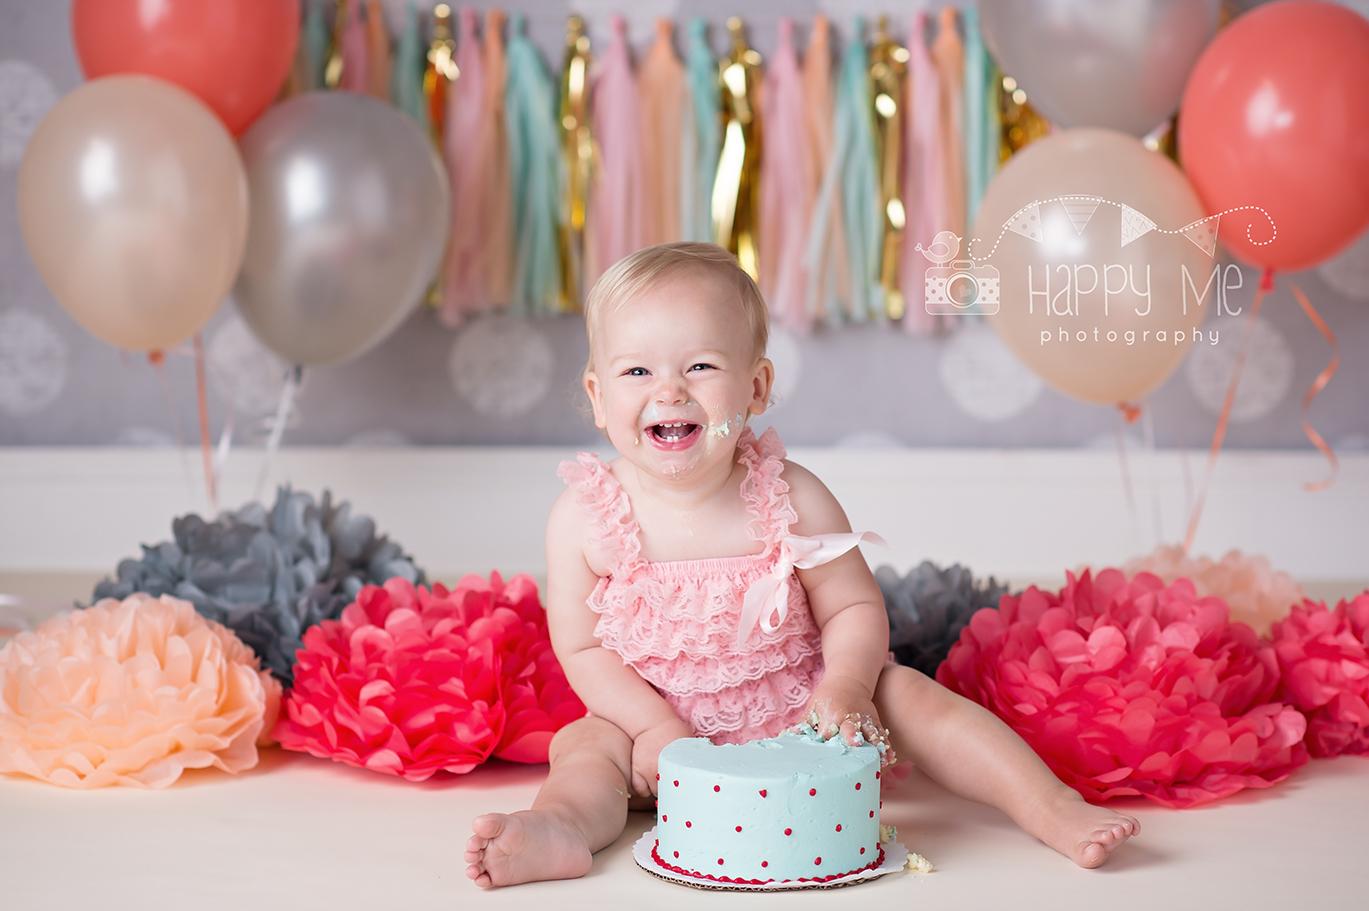 baby eating cake during cake smash bay area